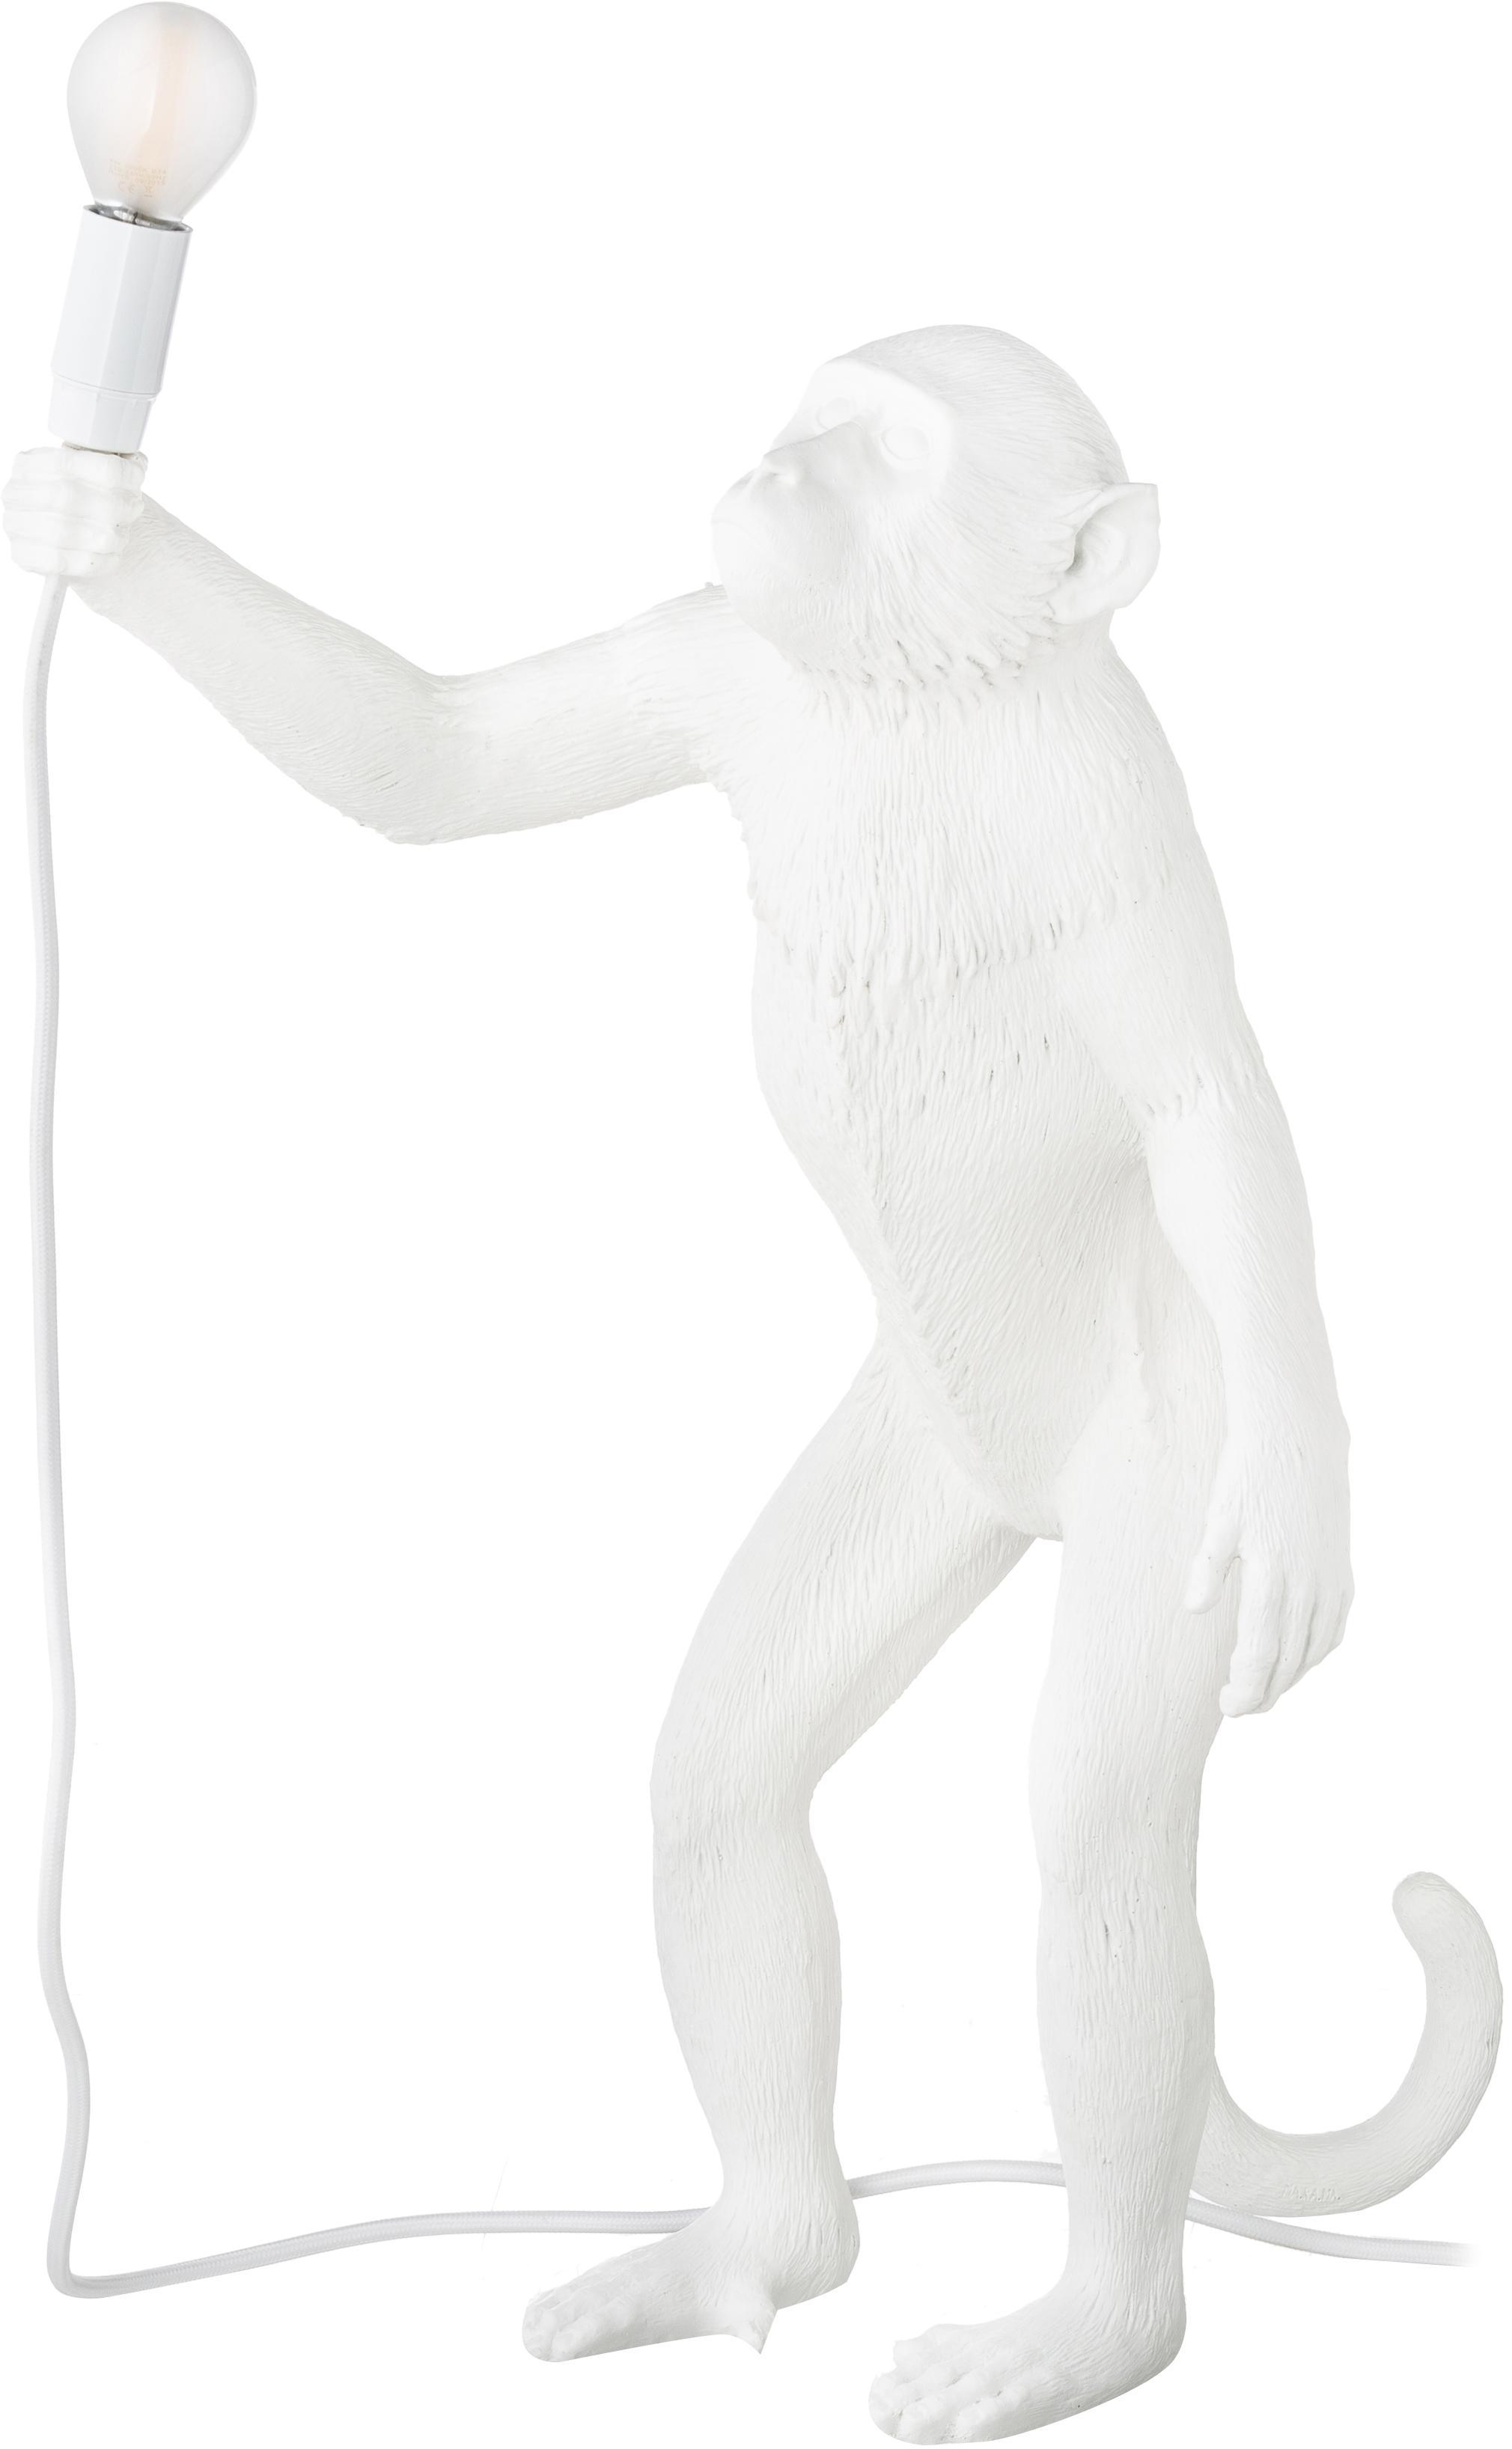 Design-Tischlampe Monkey, Weiß, 46 x 54 cm